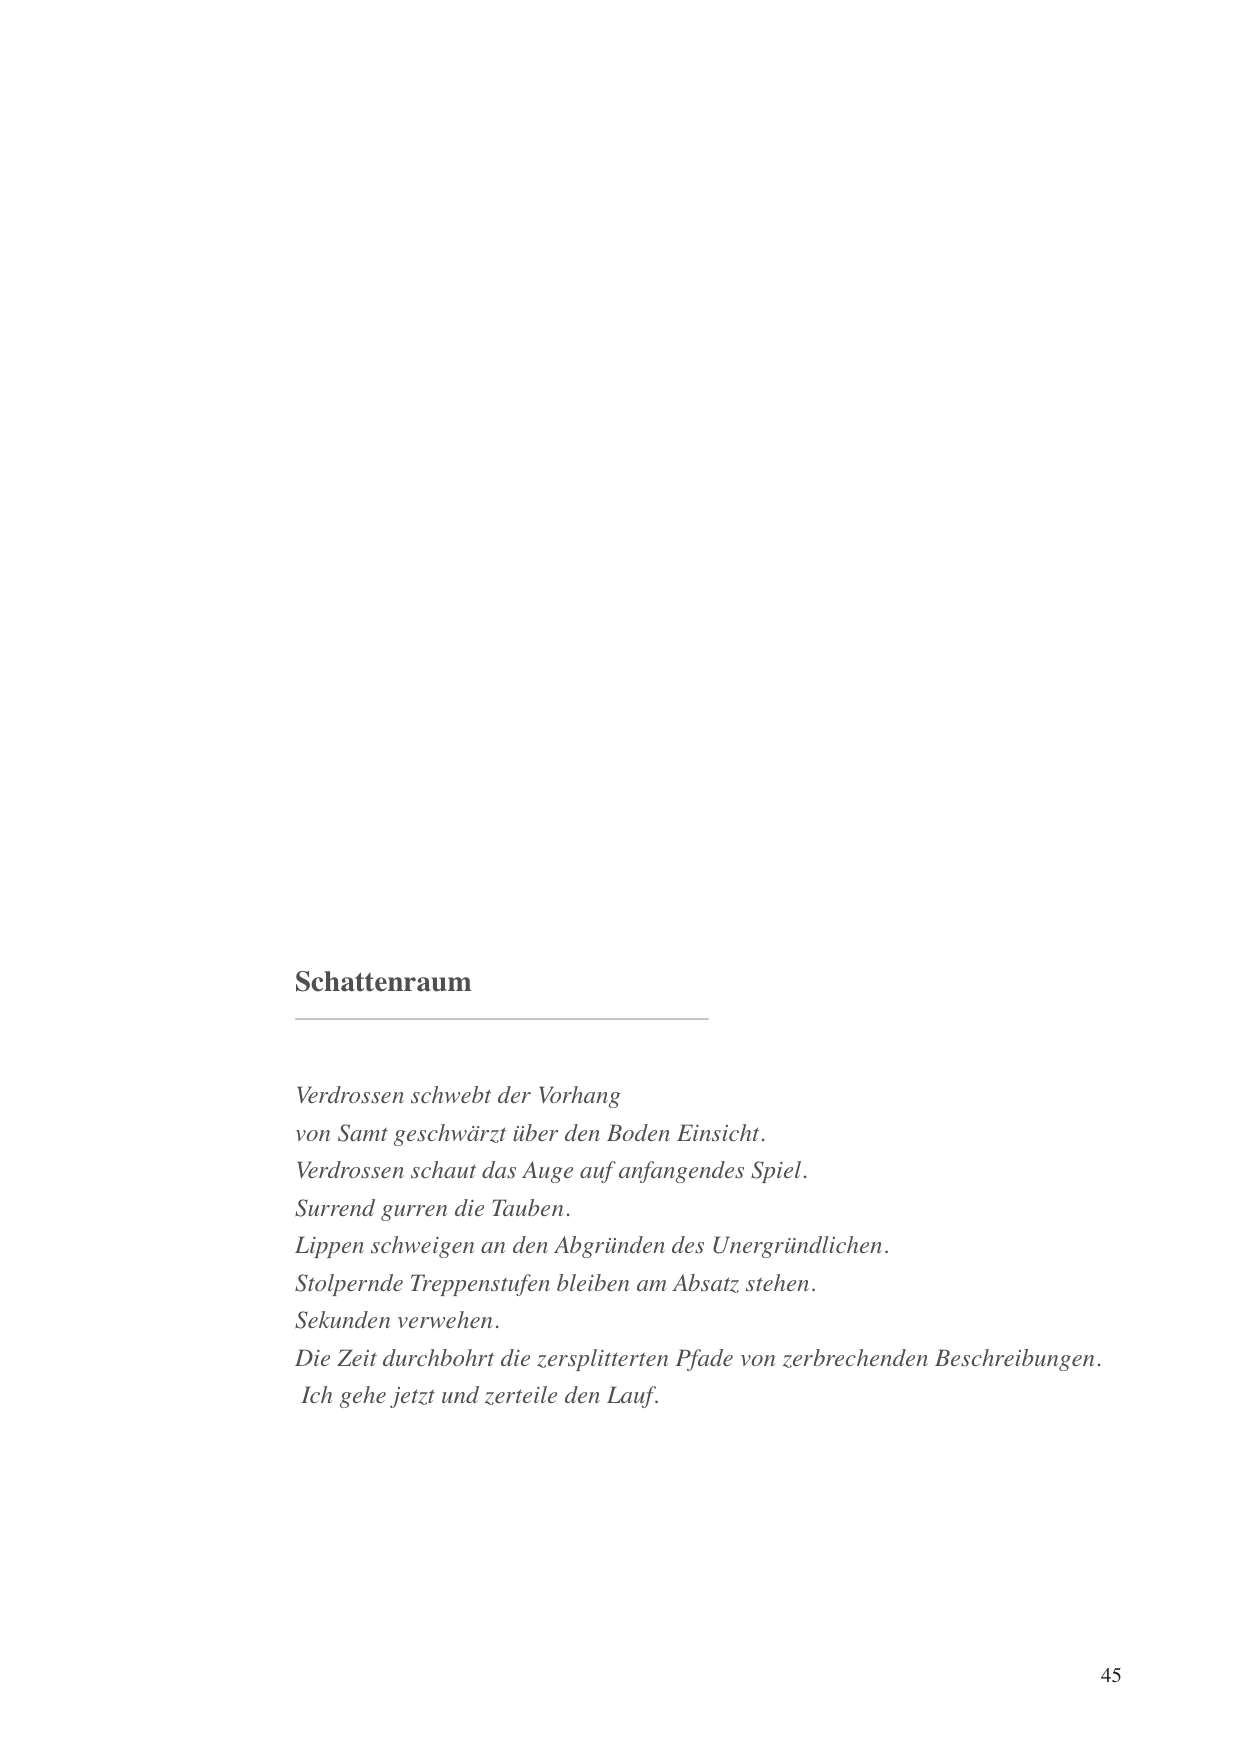 02-11-2013examen-marijke (verschoben) 6